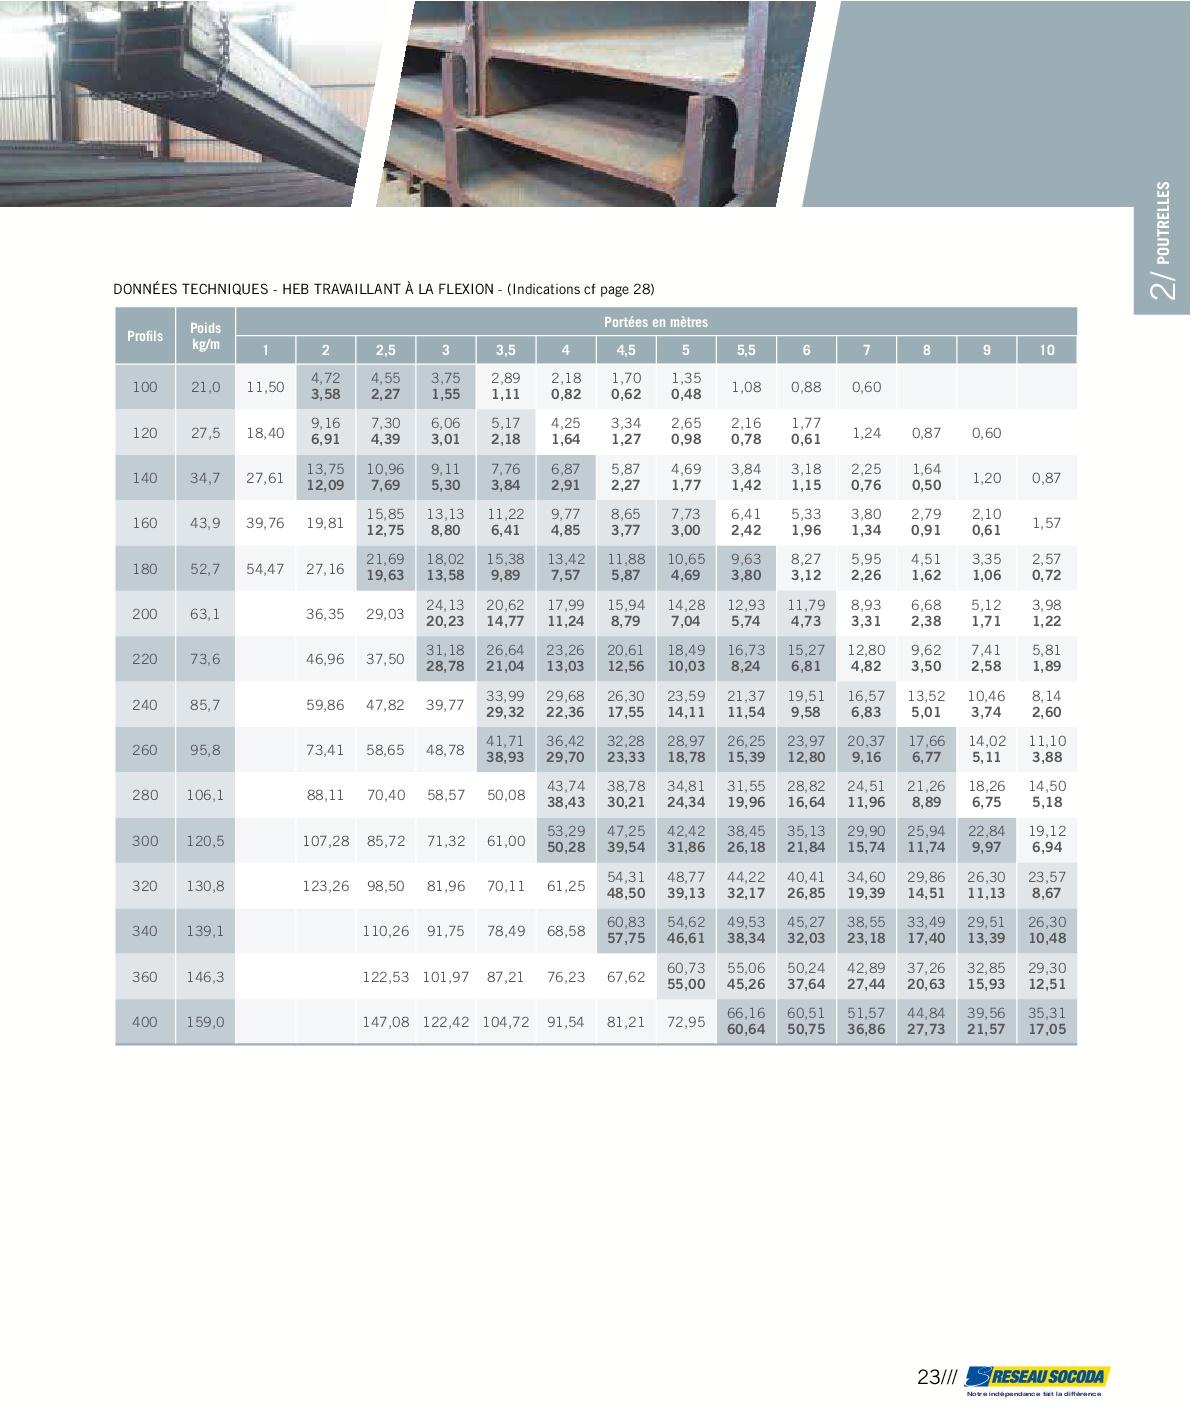 catalogue-023